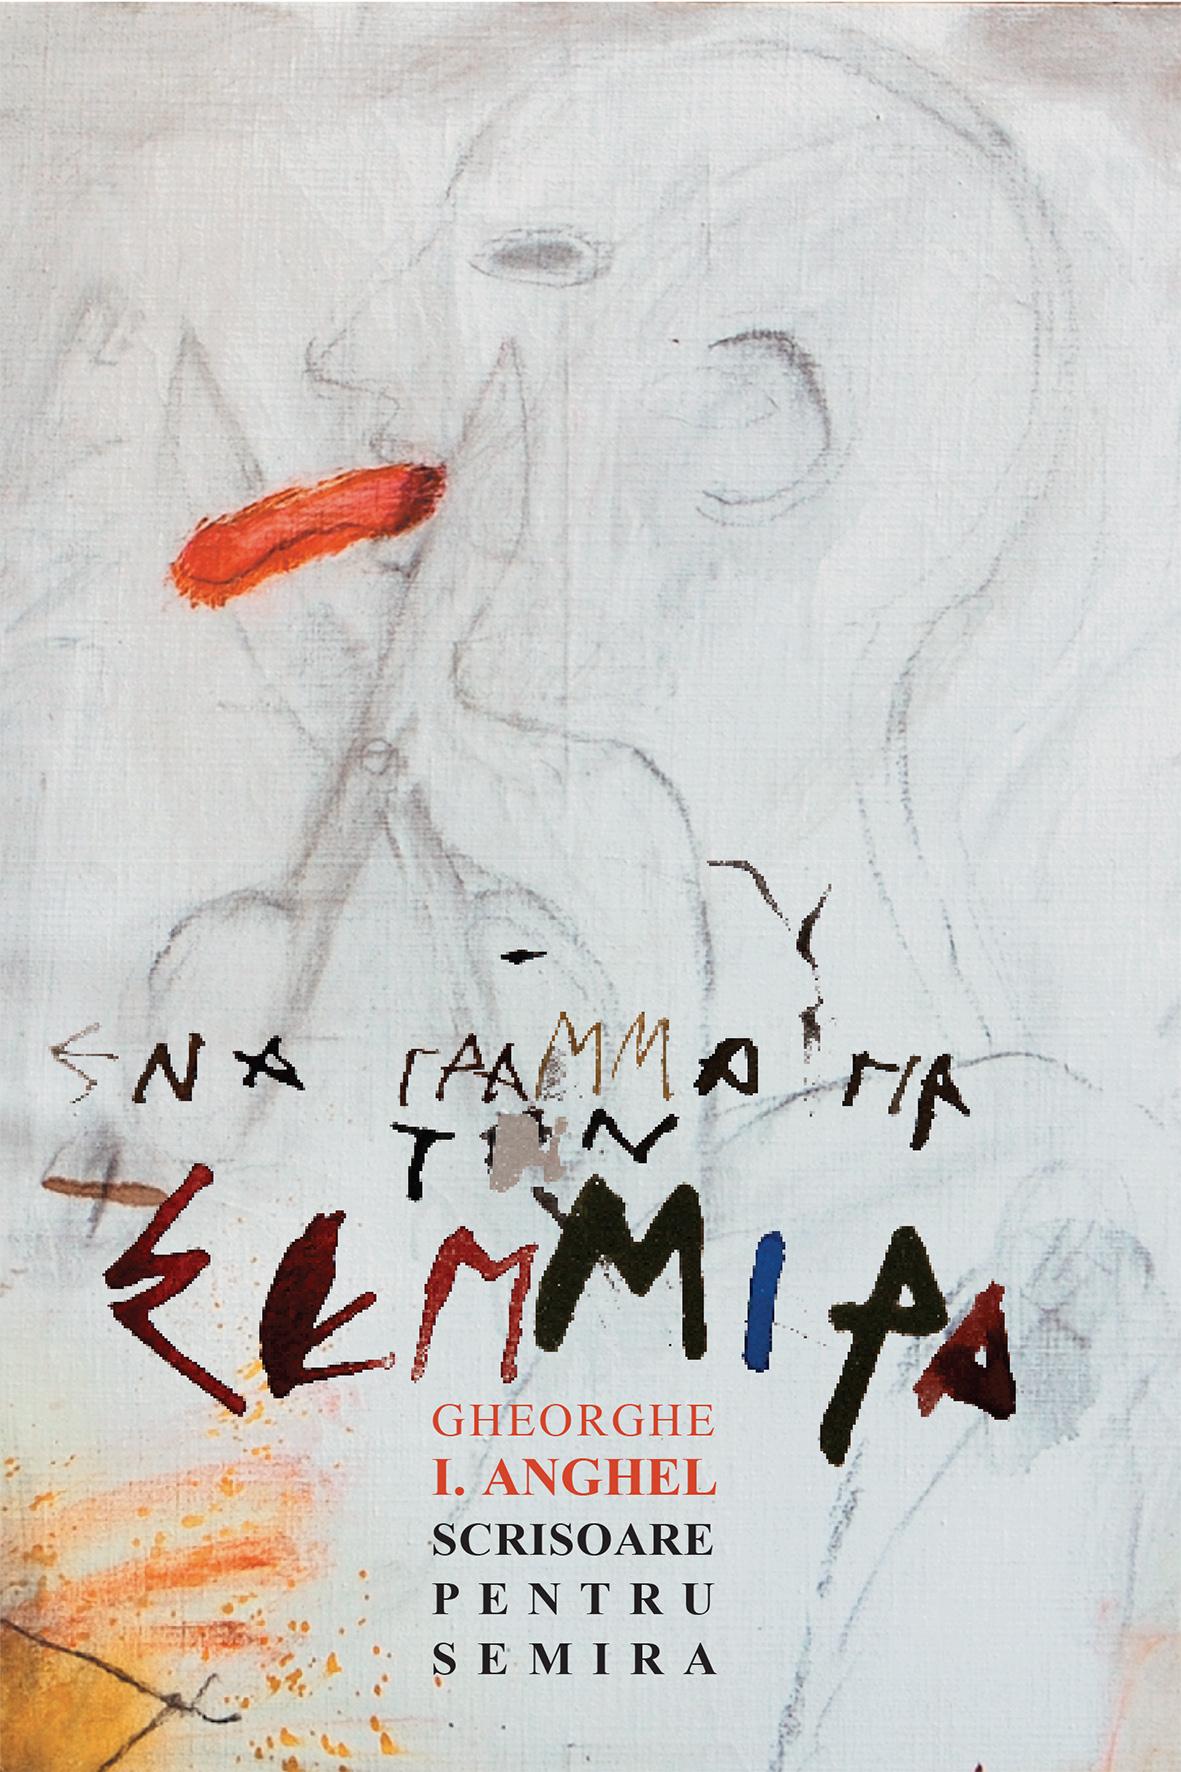 Scrisoare catre Semira | Gheorghe I. Anghel